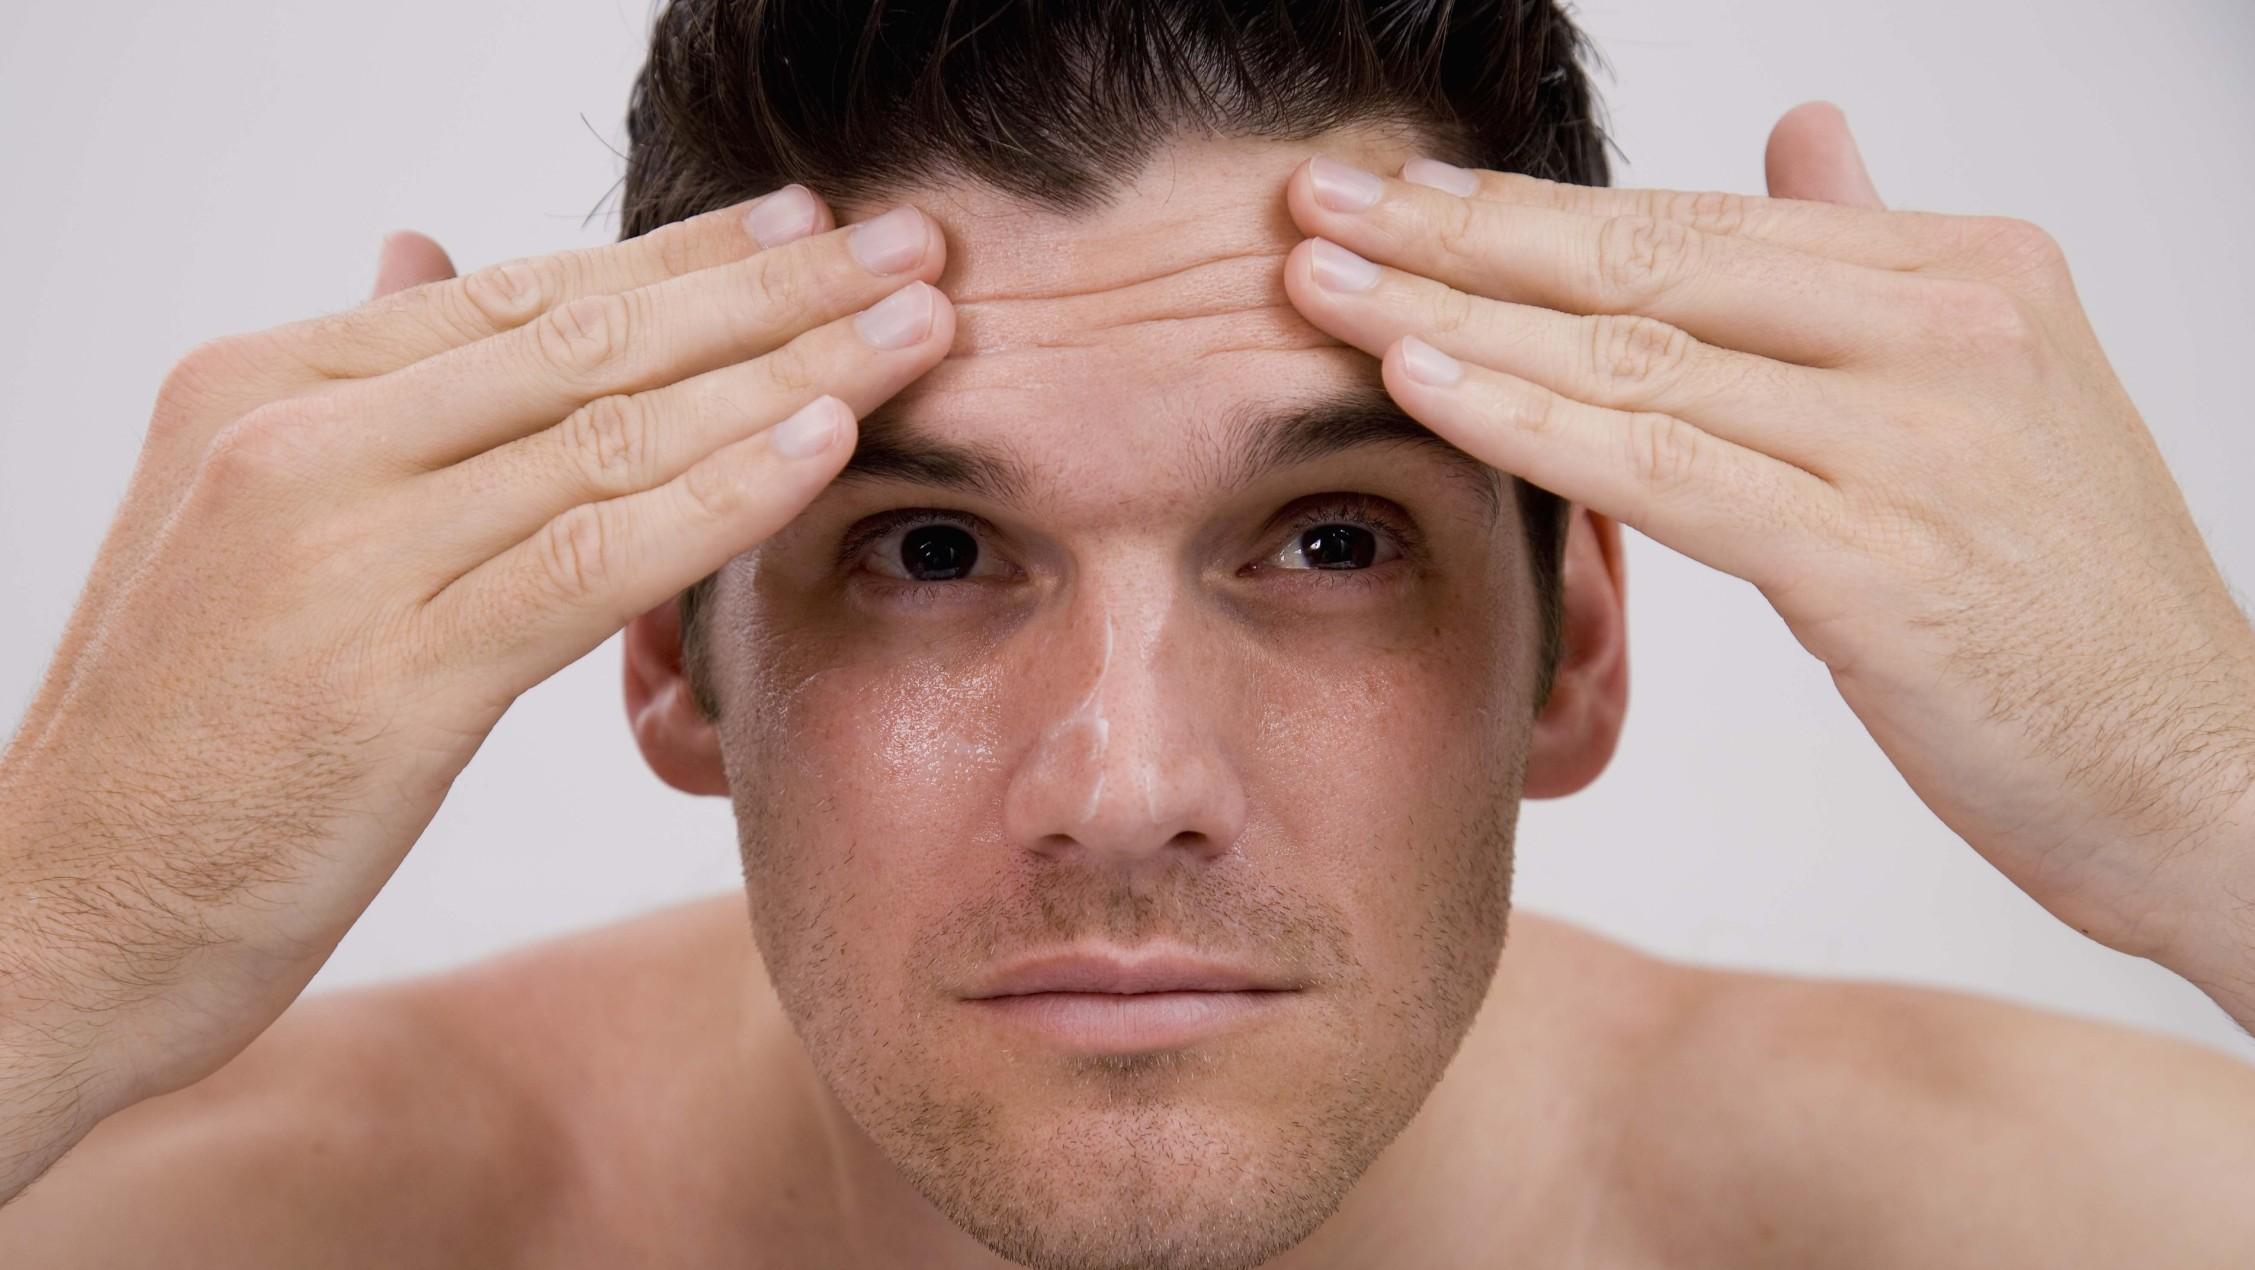 Envelhecimento da pele - Dermatologista Curitiba - Clínica CMP